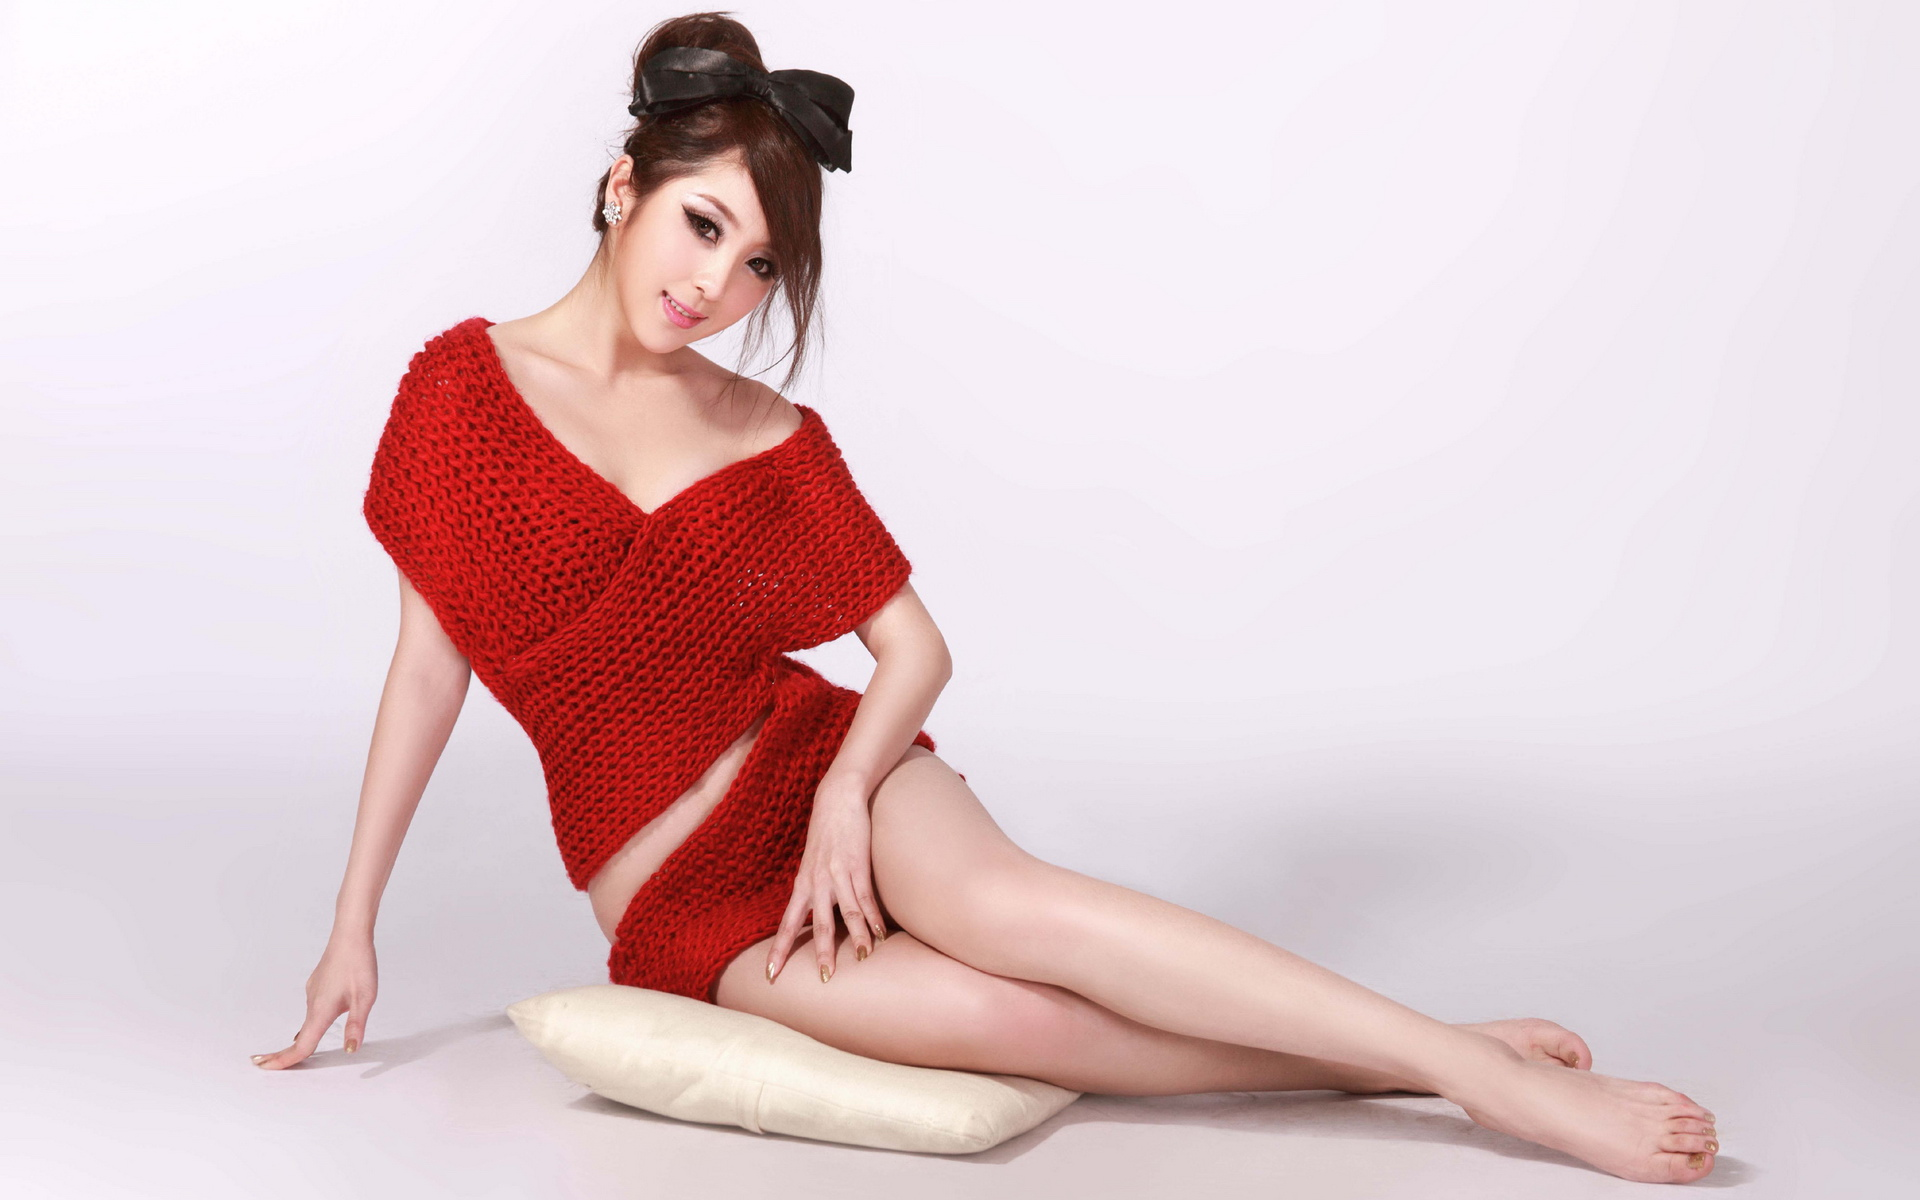 美腿壁纸红色美女白色背景美女美女背景